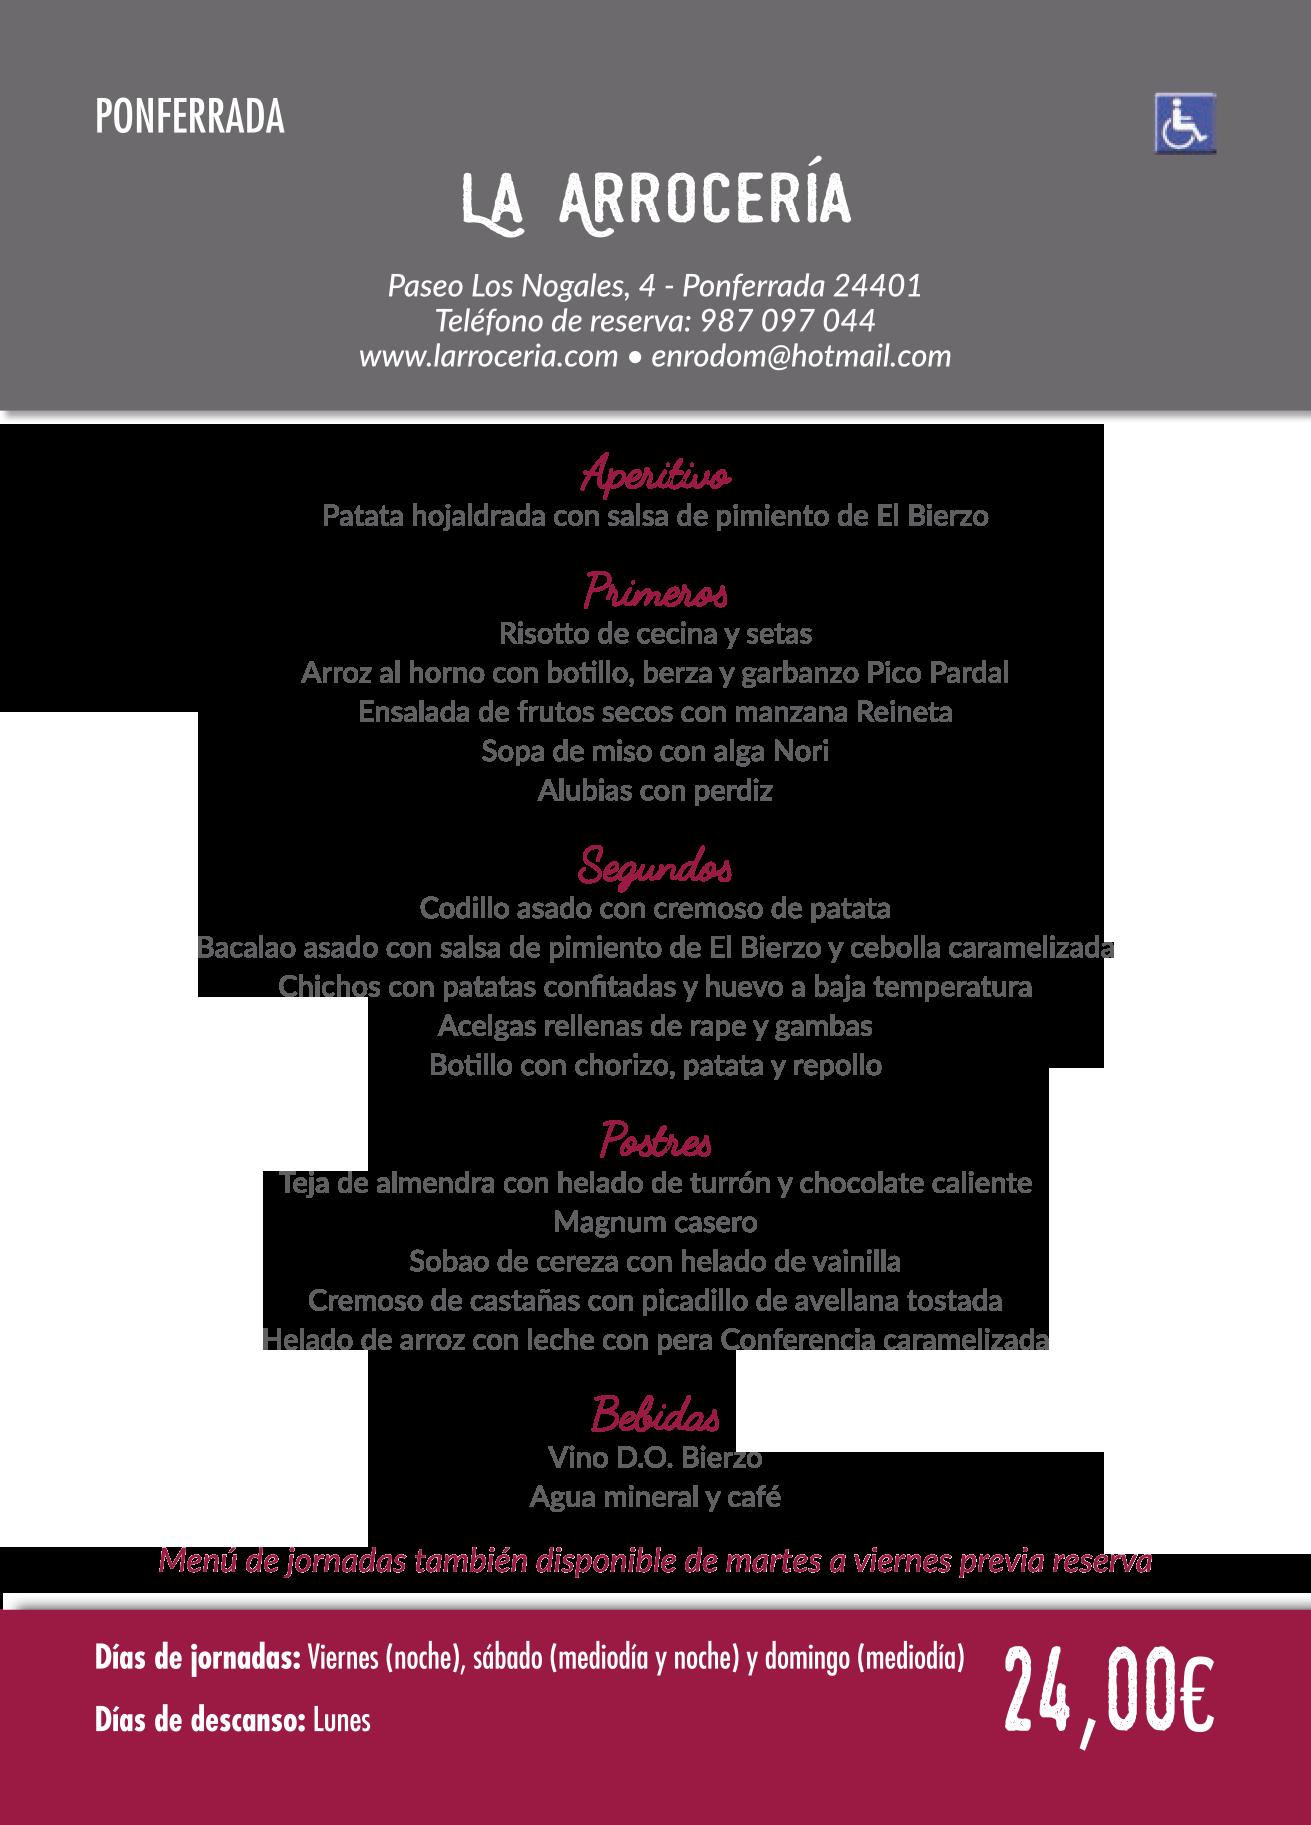 Las Jornadas Gastronómicas del Bierzo llegan a su 35 edición. Consulta los menús de esta edición 17